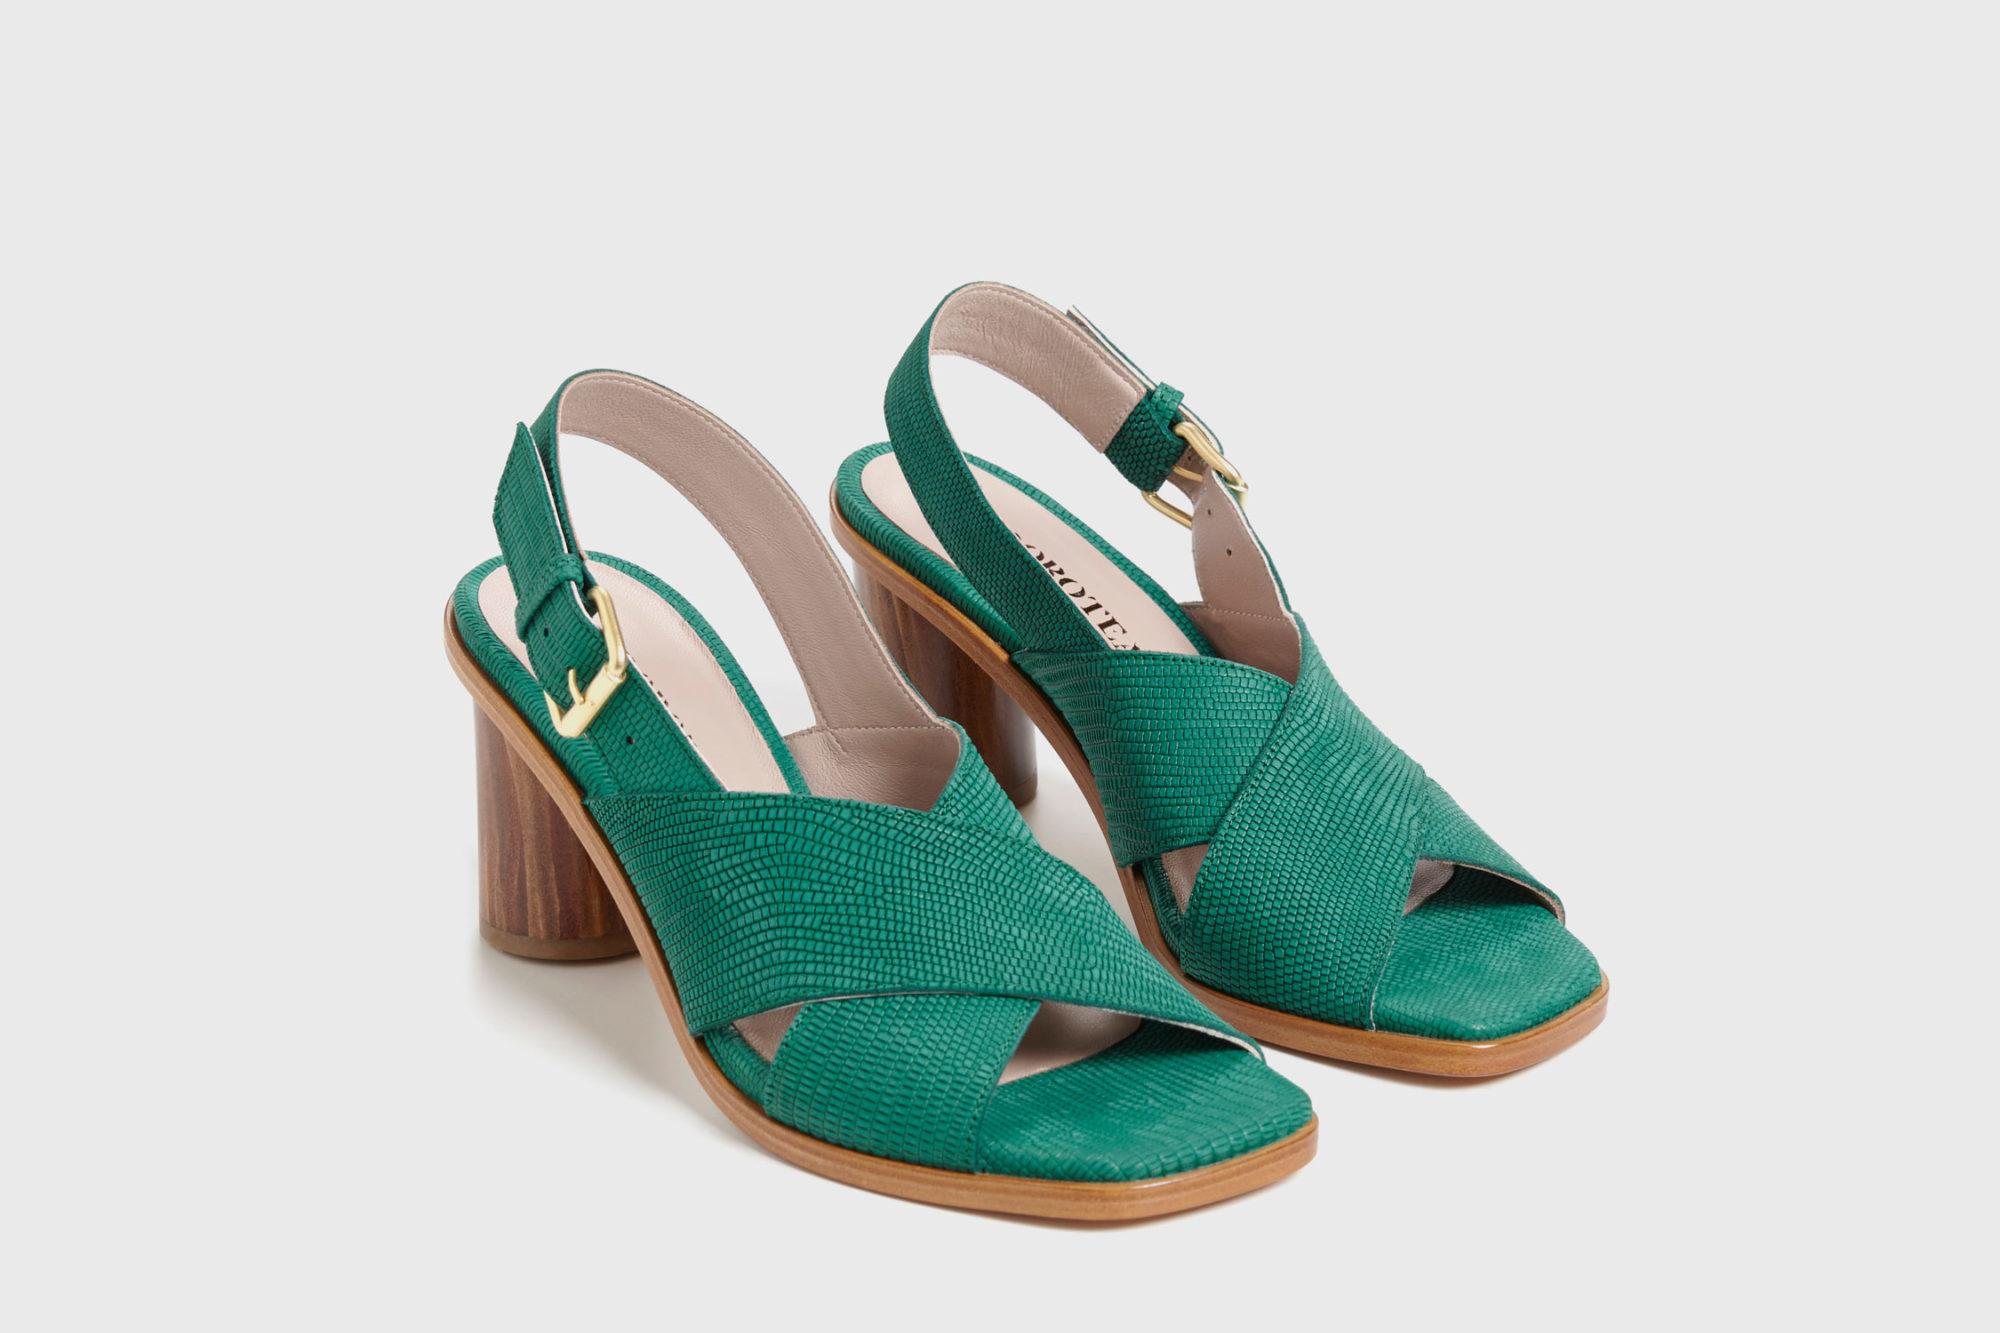 Dorotea sandalia de tacón alto Jazz verde ss17 par